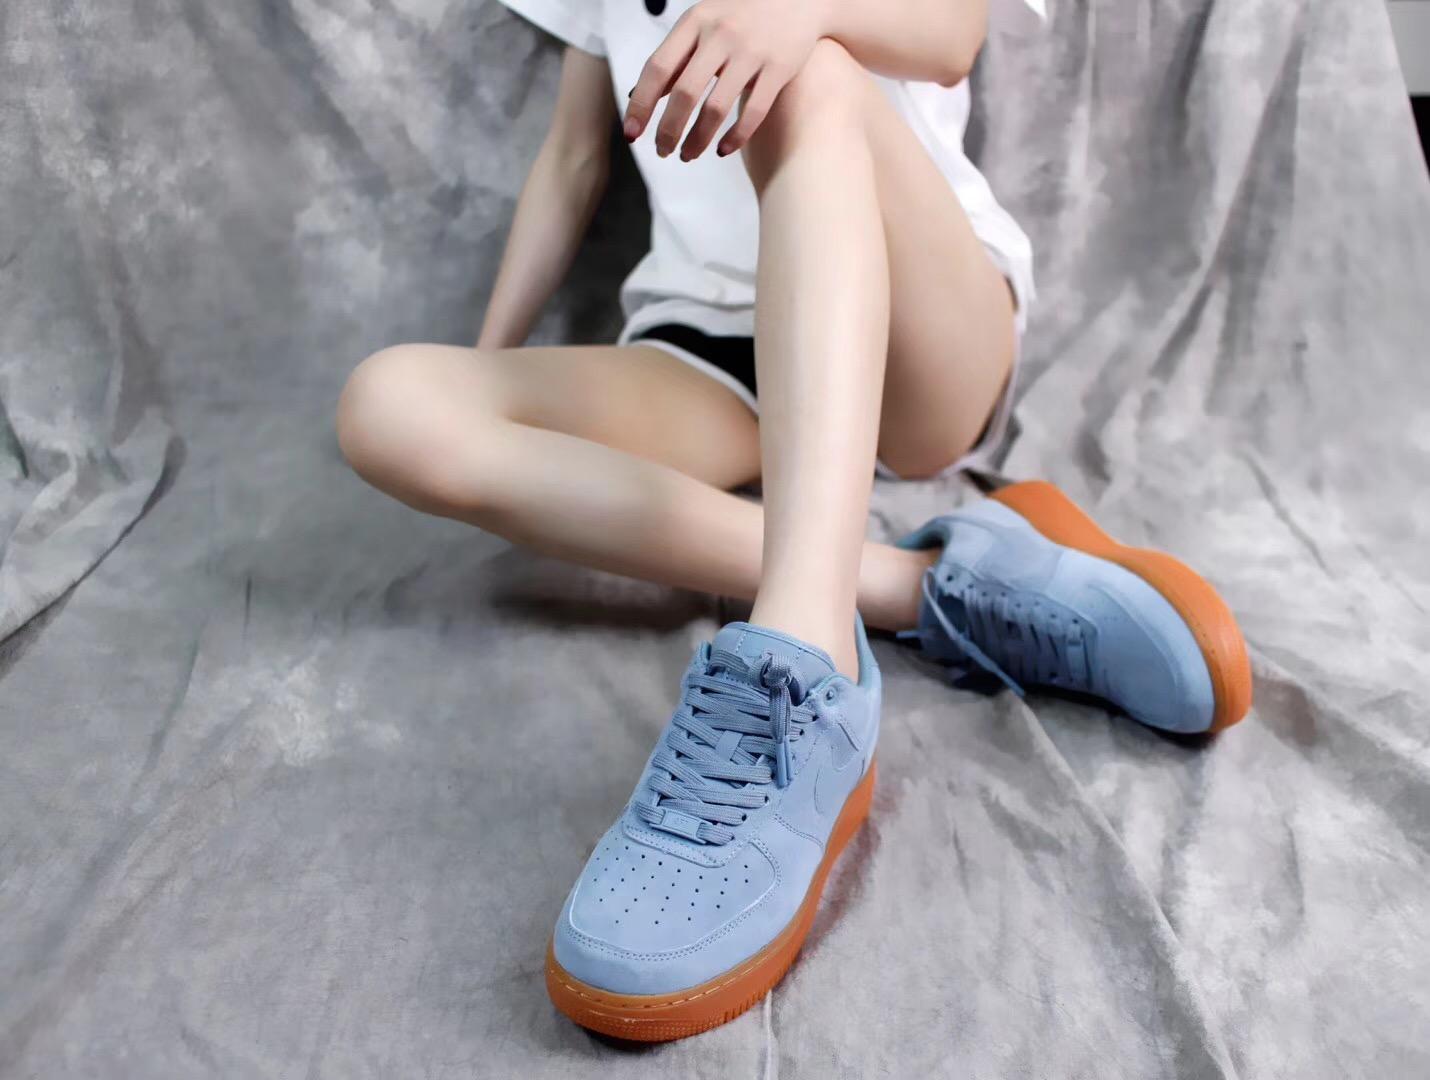 Giày Nike Air Force 1 Màu Xanh Nữ Tính